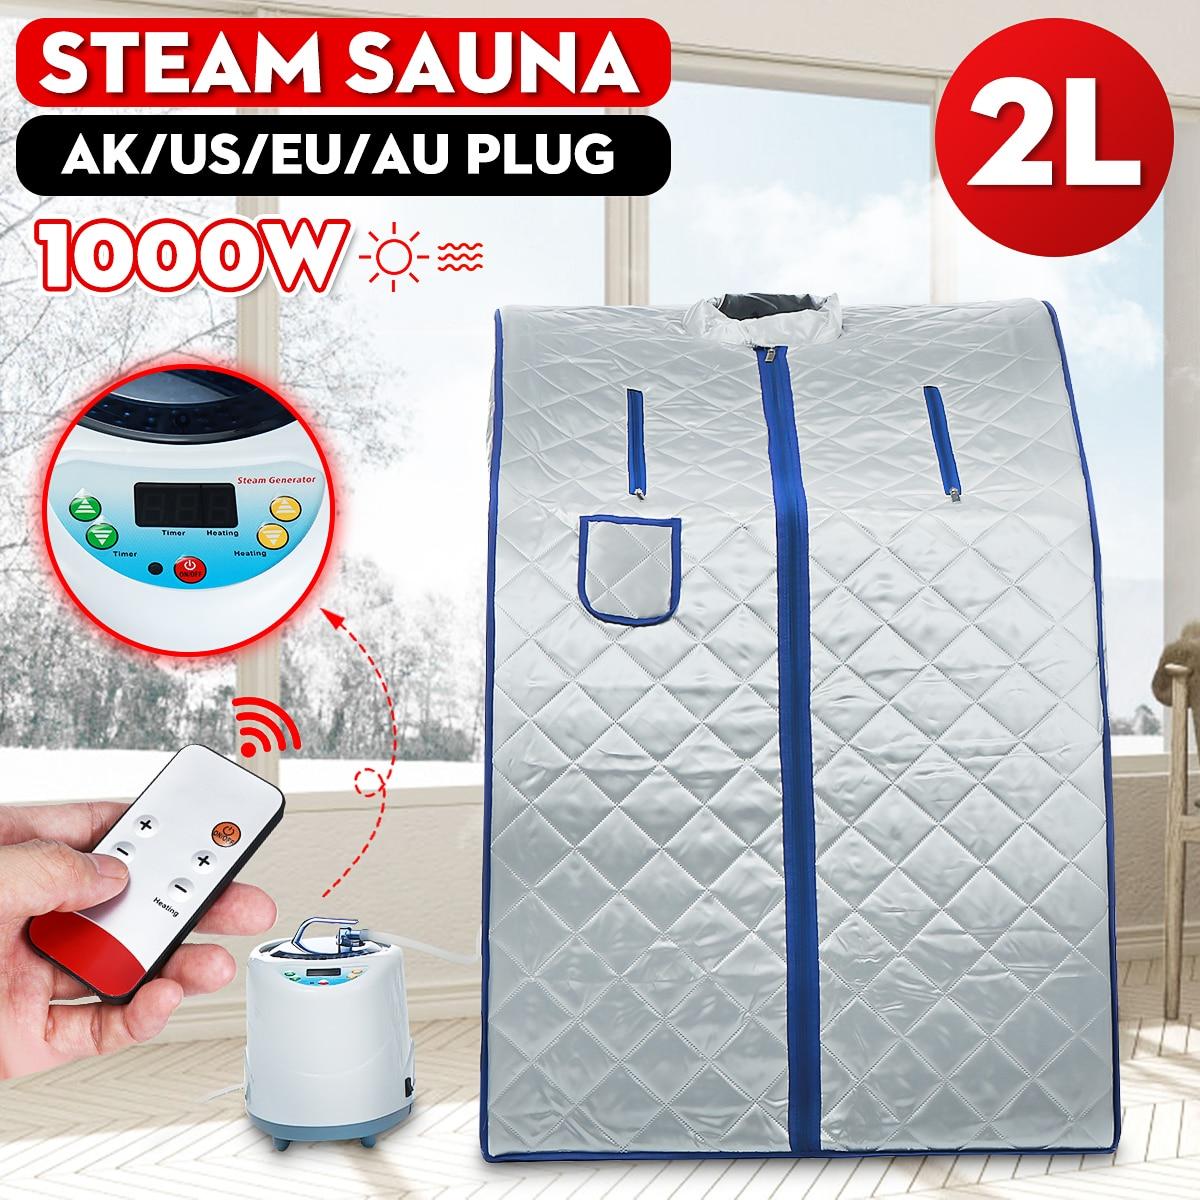 Sauna de vapor portátil, hogar, Sauna, generador de adelgazamiento, caja de Sauna doméstica, facilidad de insomnio, soporte de tubería de acero inoxidable